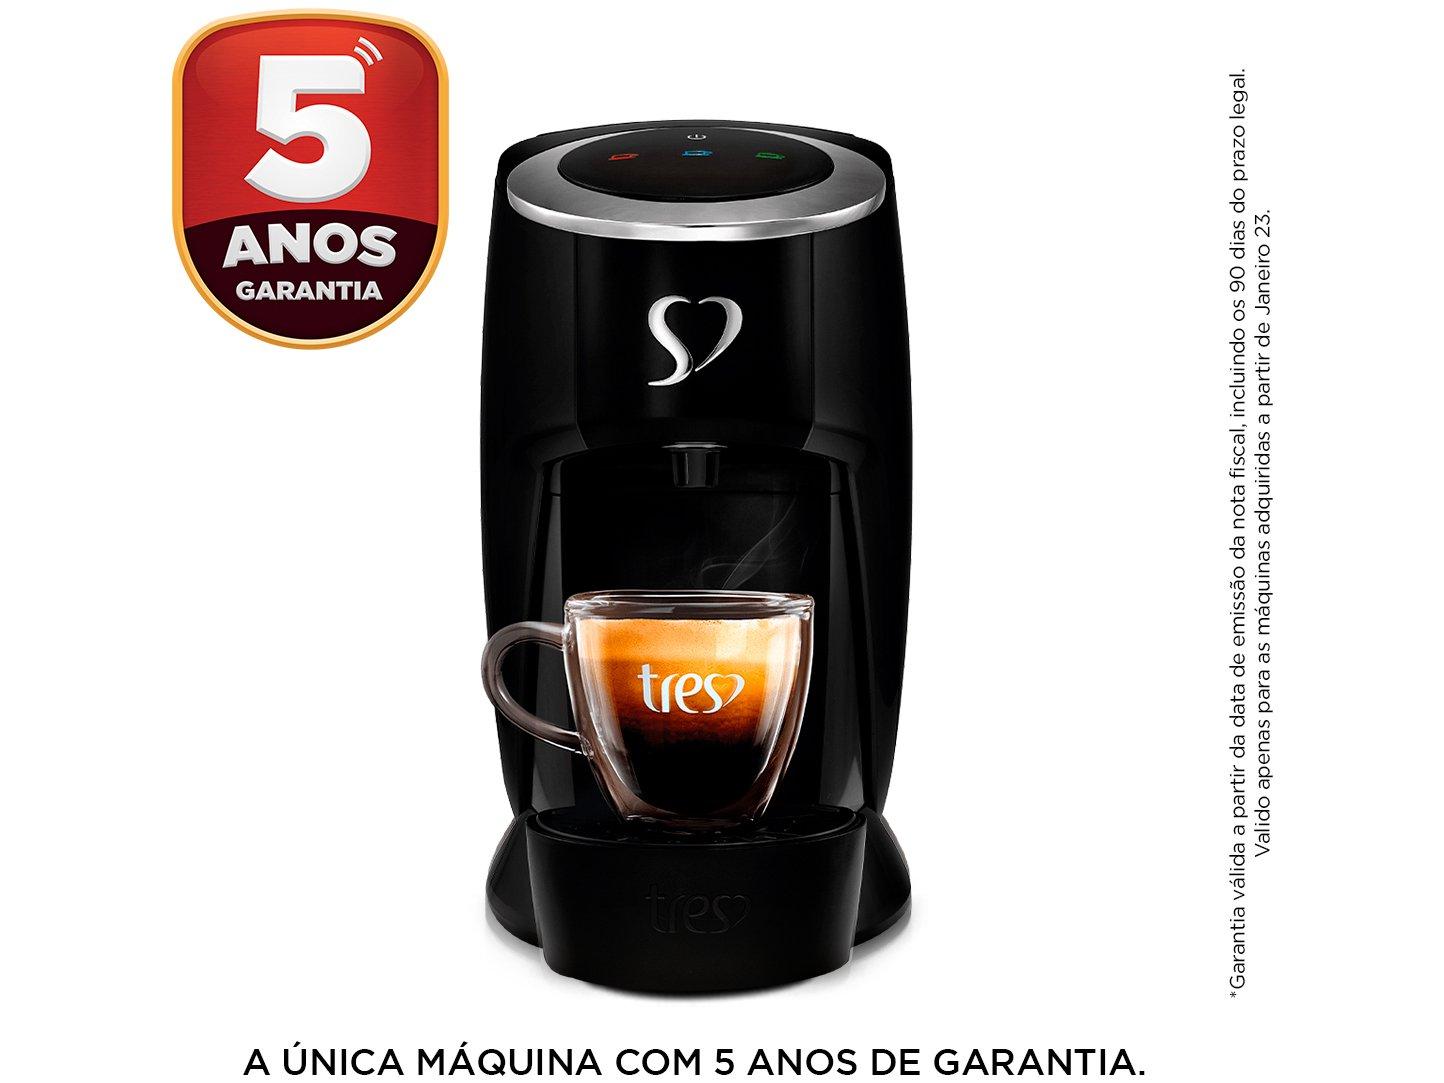 Cafeteira Espresso TRES Touch Preta 3 Corações -  - 110 V - 3